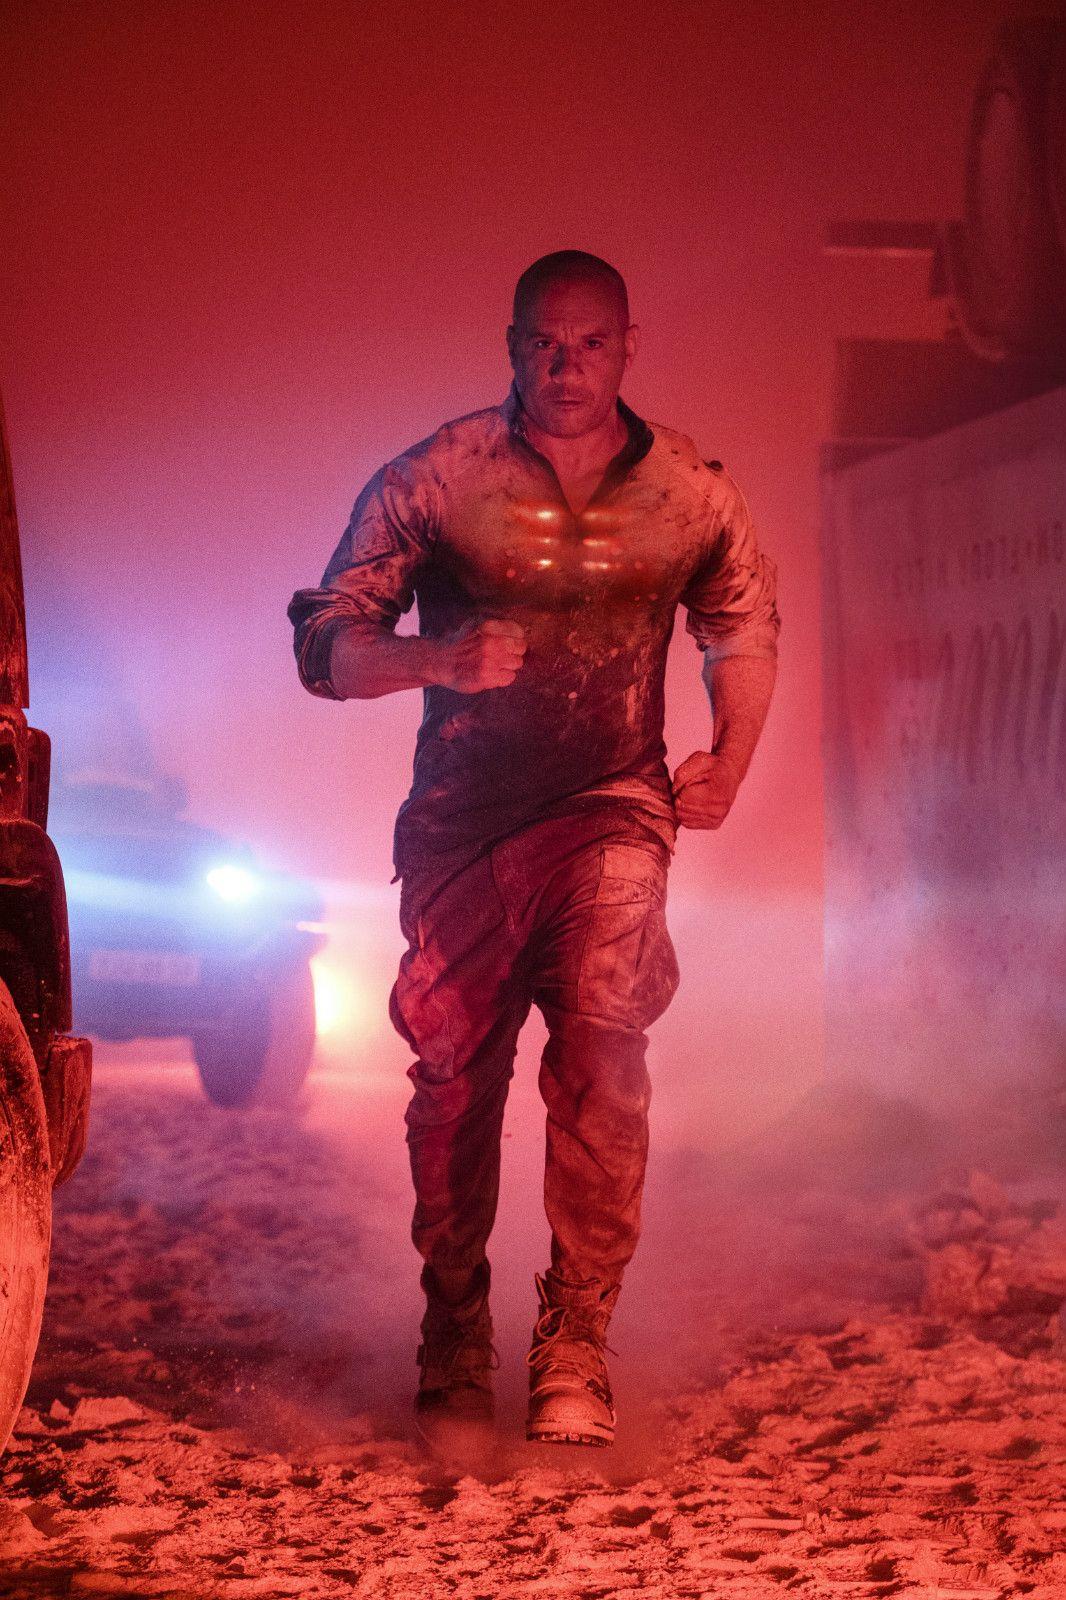 范·迪塞尔主演《喋血战士》夺得北美以外地区票冠图片